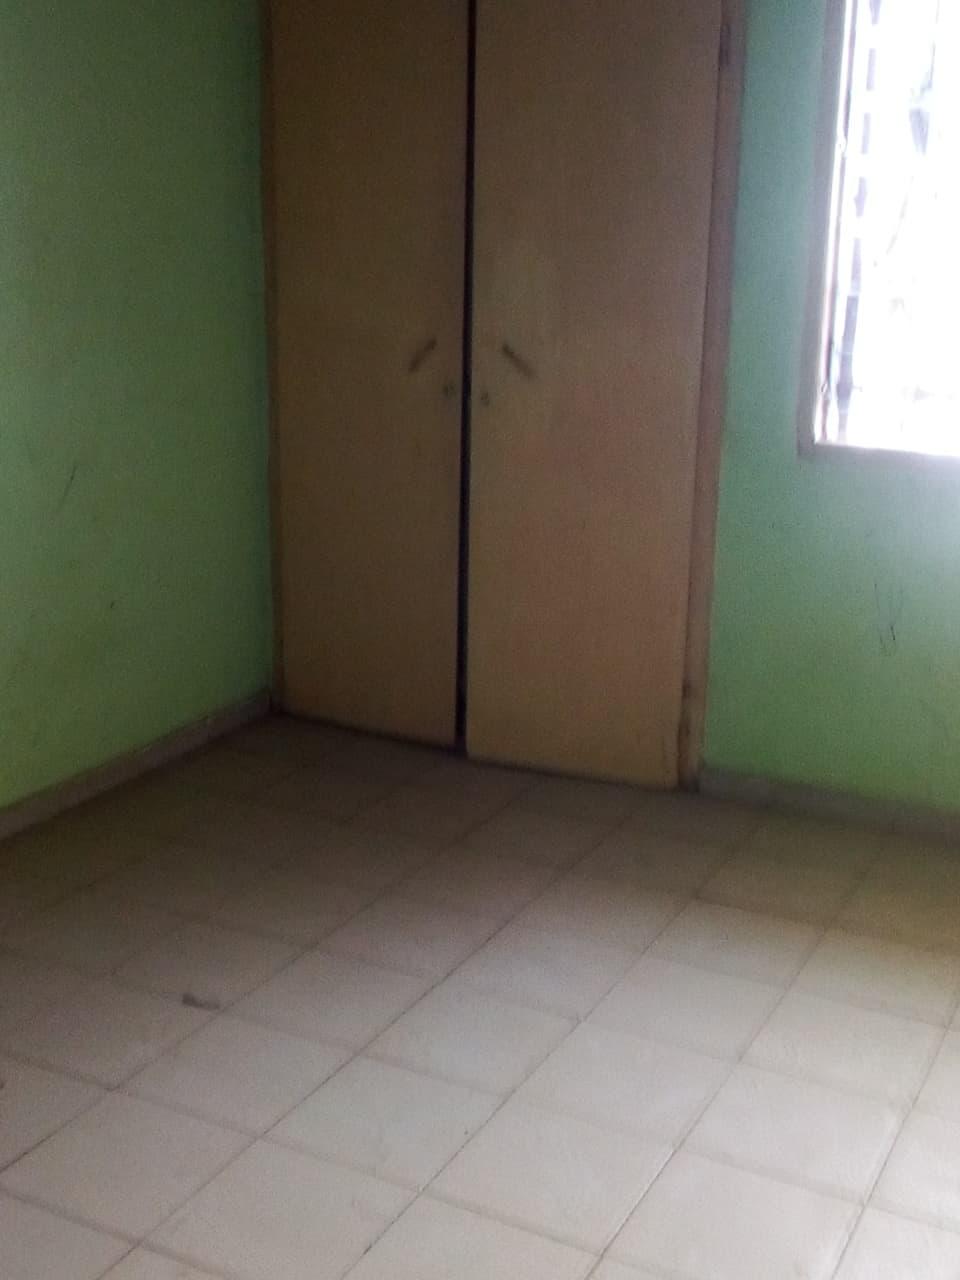 House (Villa) to rent - Yaoundé, Bastos, pas loin de meka - 1 living room(s), 3 bedroom(s), 2 bathroom(s) - 800 000 FCFA / month